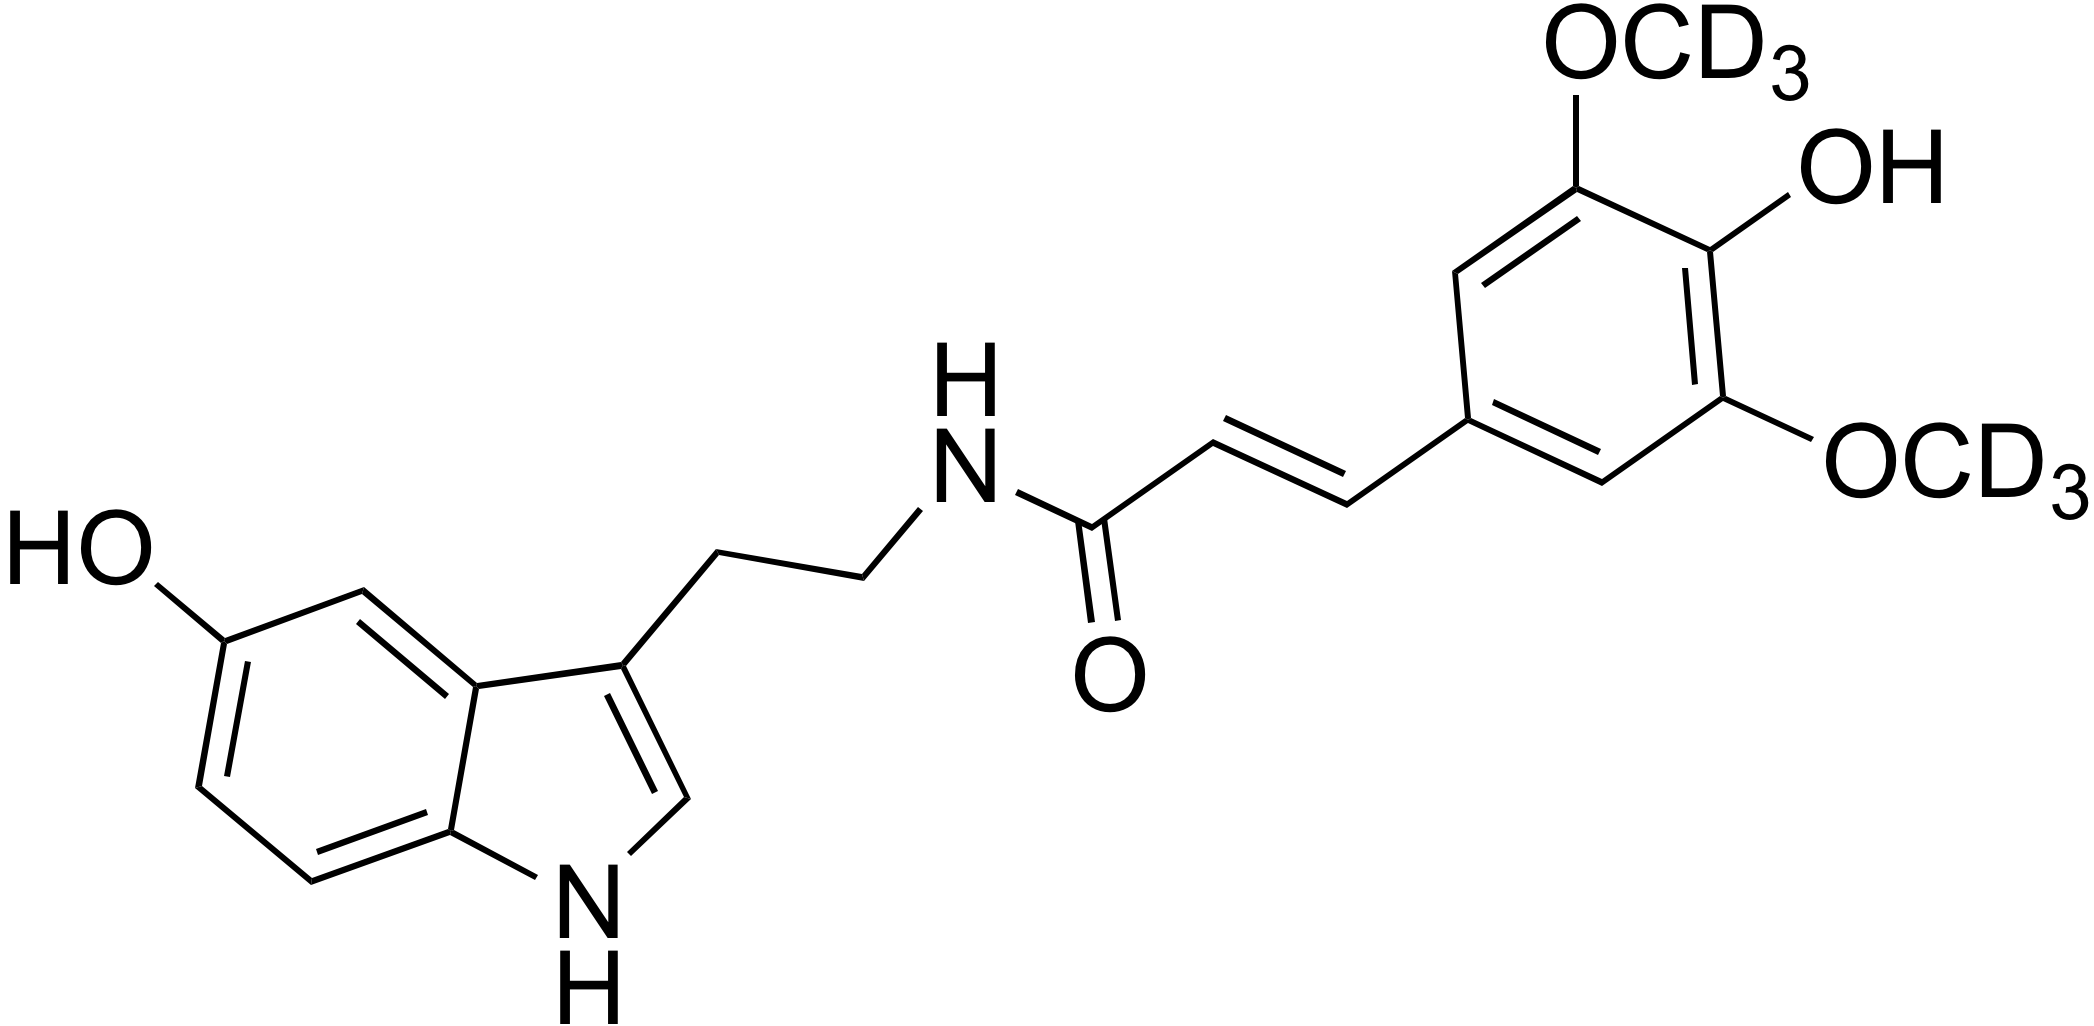 N-Sinapoyl-d<sub>6</sub> serotonin